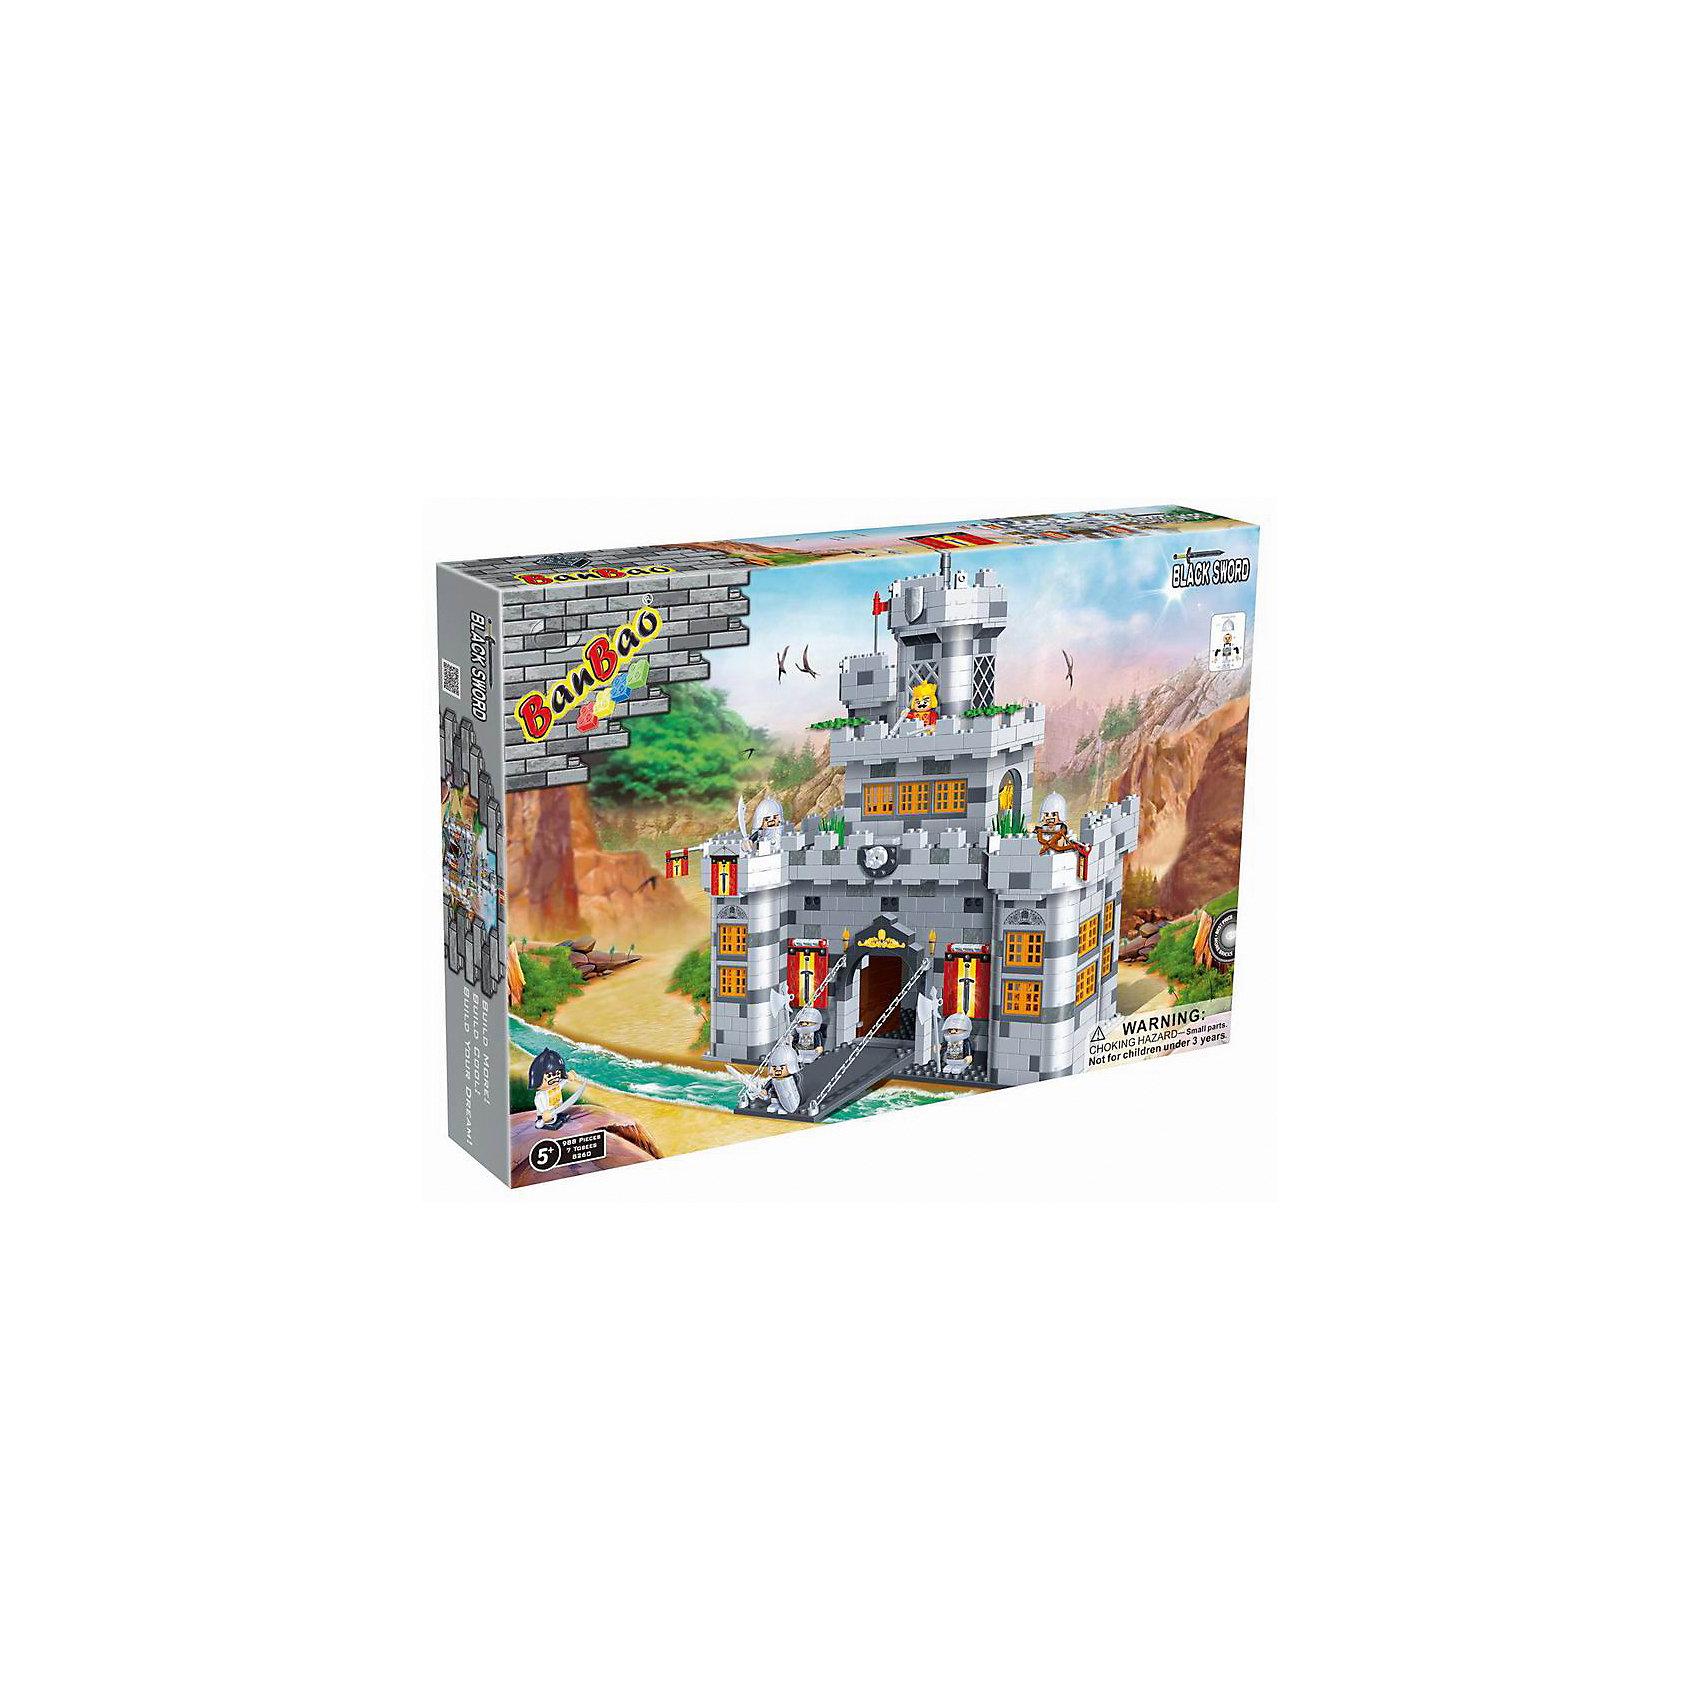 Конструктор Замок, BanBaoСобери настоящий рыцарский замок и погрузись в атмосферу средневековых турниров и боев! В нем есть высокая башня, стена с оградой, мост на цепях, решетчатые окна и многие другие непременные атрибуты старинной крепости. Множество прекрасно проработанных деталей и  фигурок открывают простор для всевозможных игр, развивающих воображение ребенка. Все детали конструктора выполнены из высококачественного экологичного пластика, имеют идеально гладкую поверхность и прочно крепятся друг к другу. Прекрасный вариант для подарка на любой праздник. Конструирование - увлекательный и полезный процесс, развивающий мелкую моторику, мышление и фантазию. <br><br>Дополнительная информация:<br><br>- Конструктор развивает усидчивость, внимание, фантазию и мелкую моторику.<br>- Материал: пластик.<br>- Комплектация: 6 фигурок, детали конструктора. <br>- Количество деталей: 988.<br>- Размер упаковки: 60,5 х 40,5 х 7,7 см.<br><br>Конструктор Замок, BanBao (БанБао), можно купить в нашем магазине.<br><br>Ширина мм: 605<br>Глубина мм: 405<br>Высота мм: 77<br>Вес г: 2250<br>Возраст от месяцев: 60<br>Возраст до месяцев: 144<br>Пол: Мужской<br>Возраст: Детский<br>SKU: 4411847